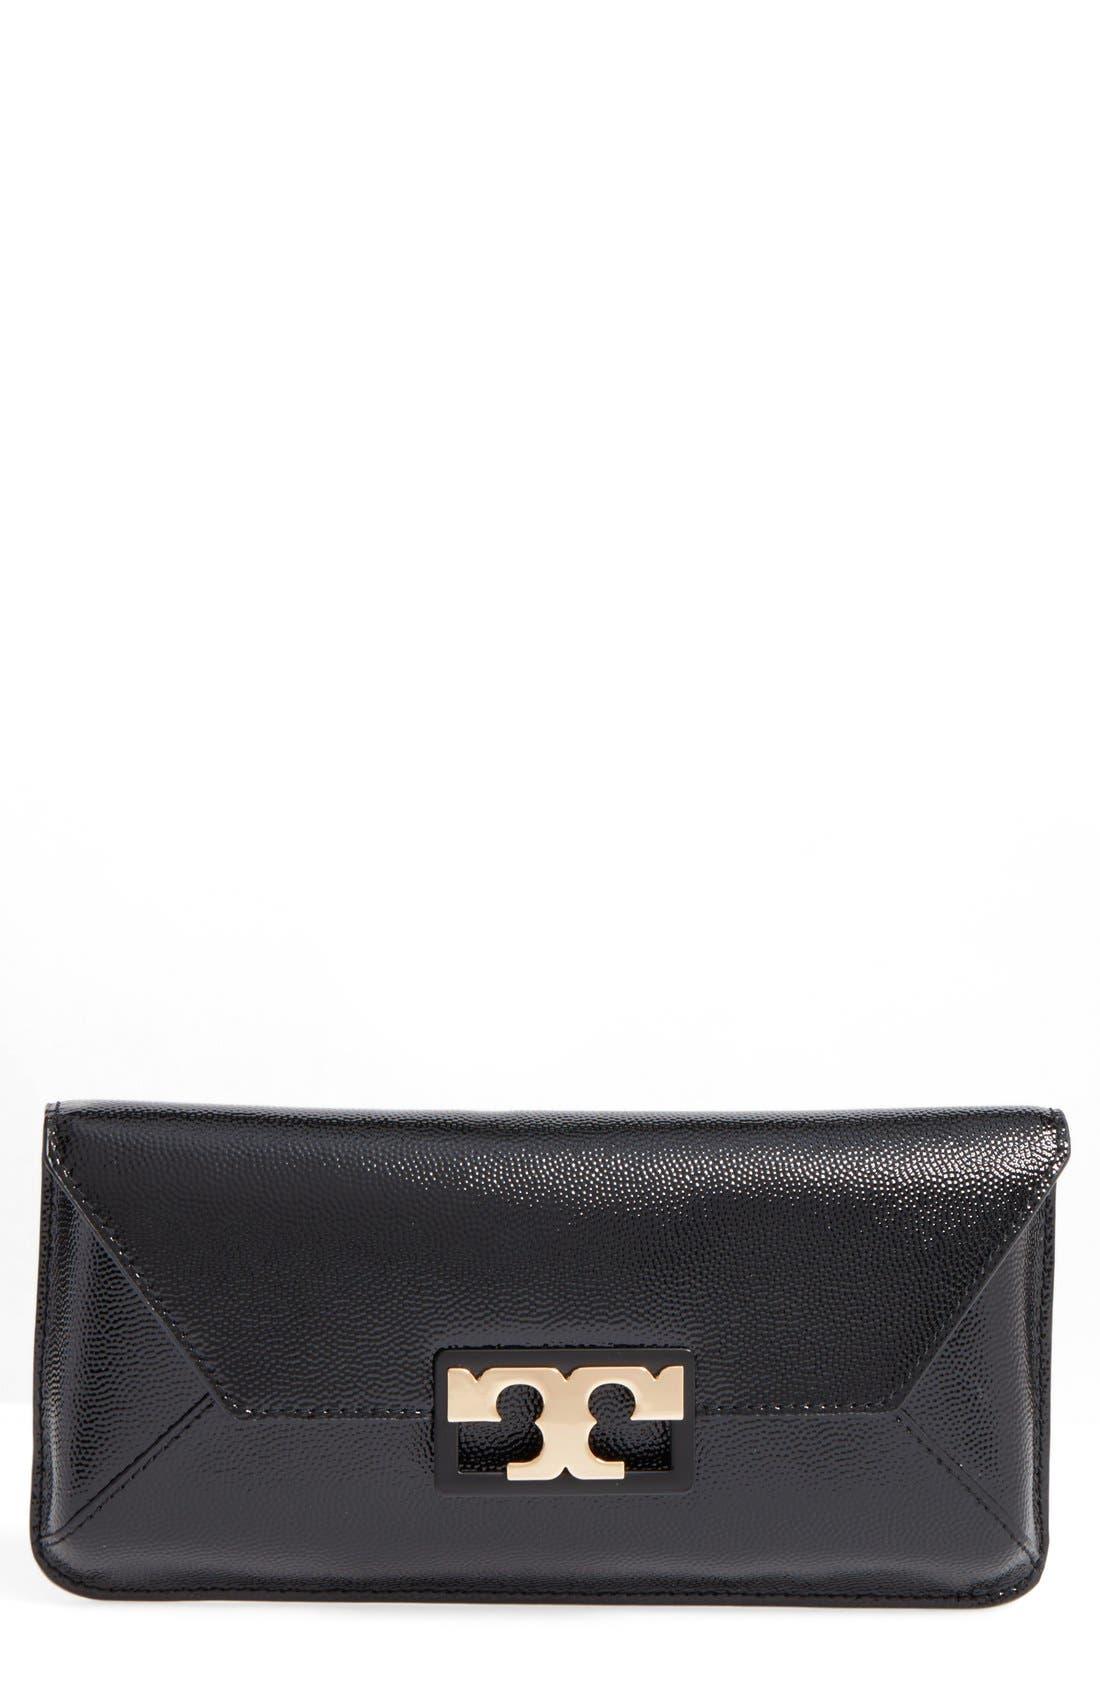 Gigi Caviar Leather Clutch,                         Main,                         color, BLACK